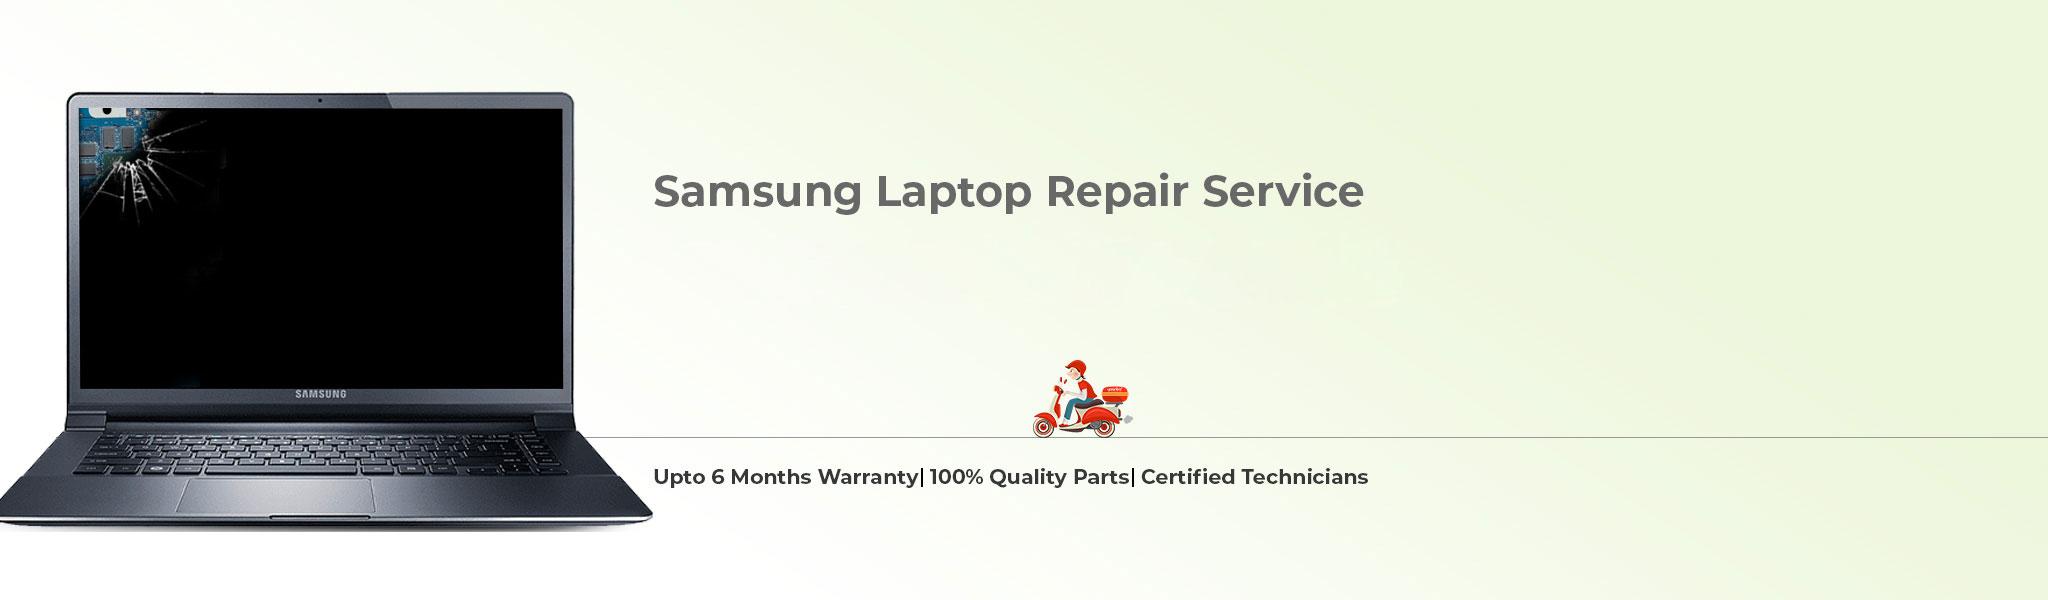 samsung-laptop-repair.jpg